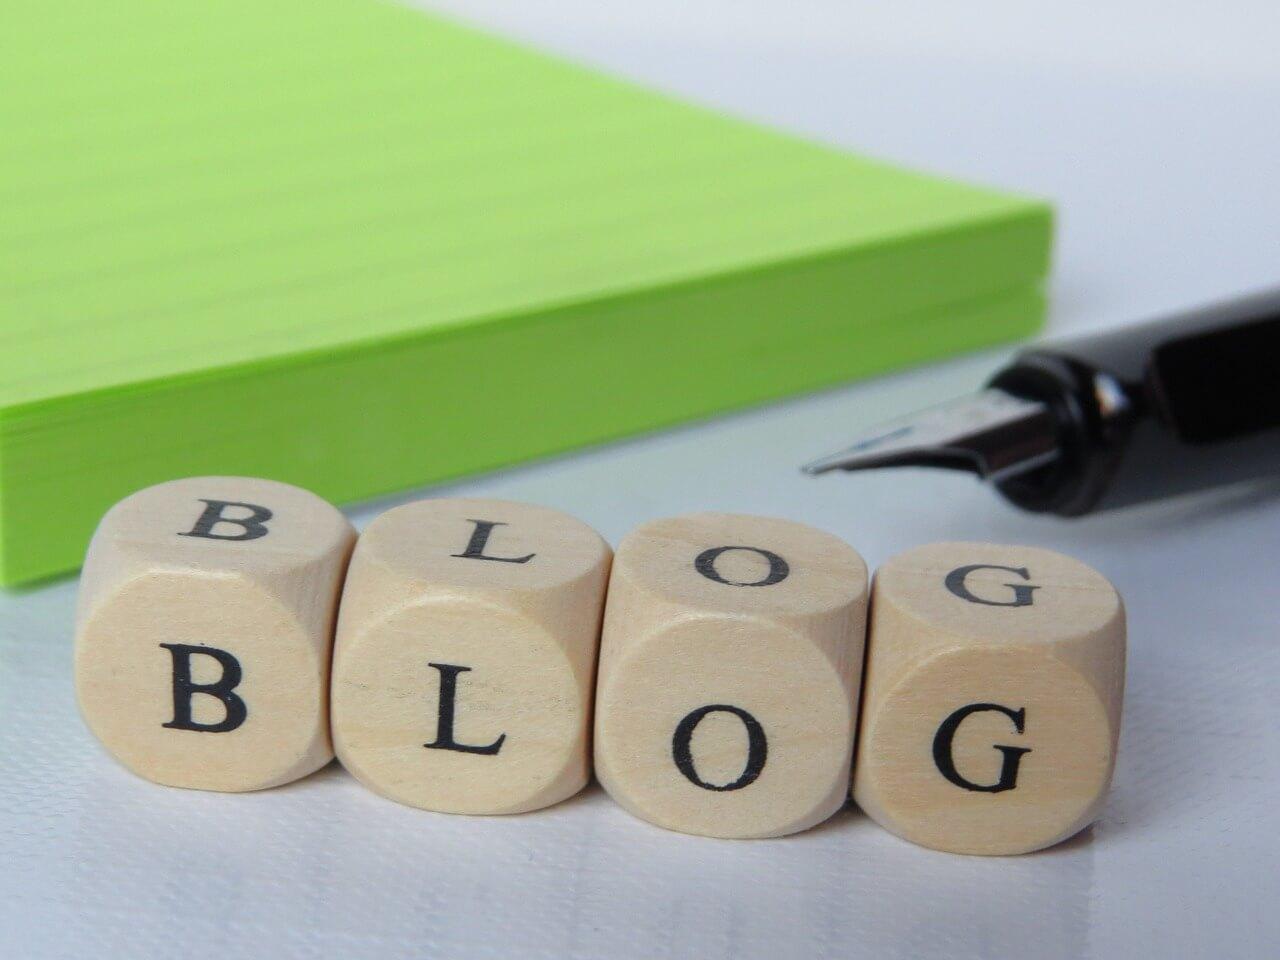 【ブログを始めて11か月】底辺初心者ブロガーのブログ経過報告